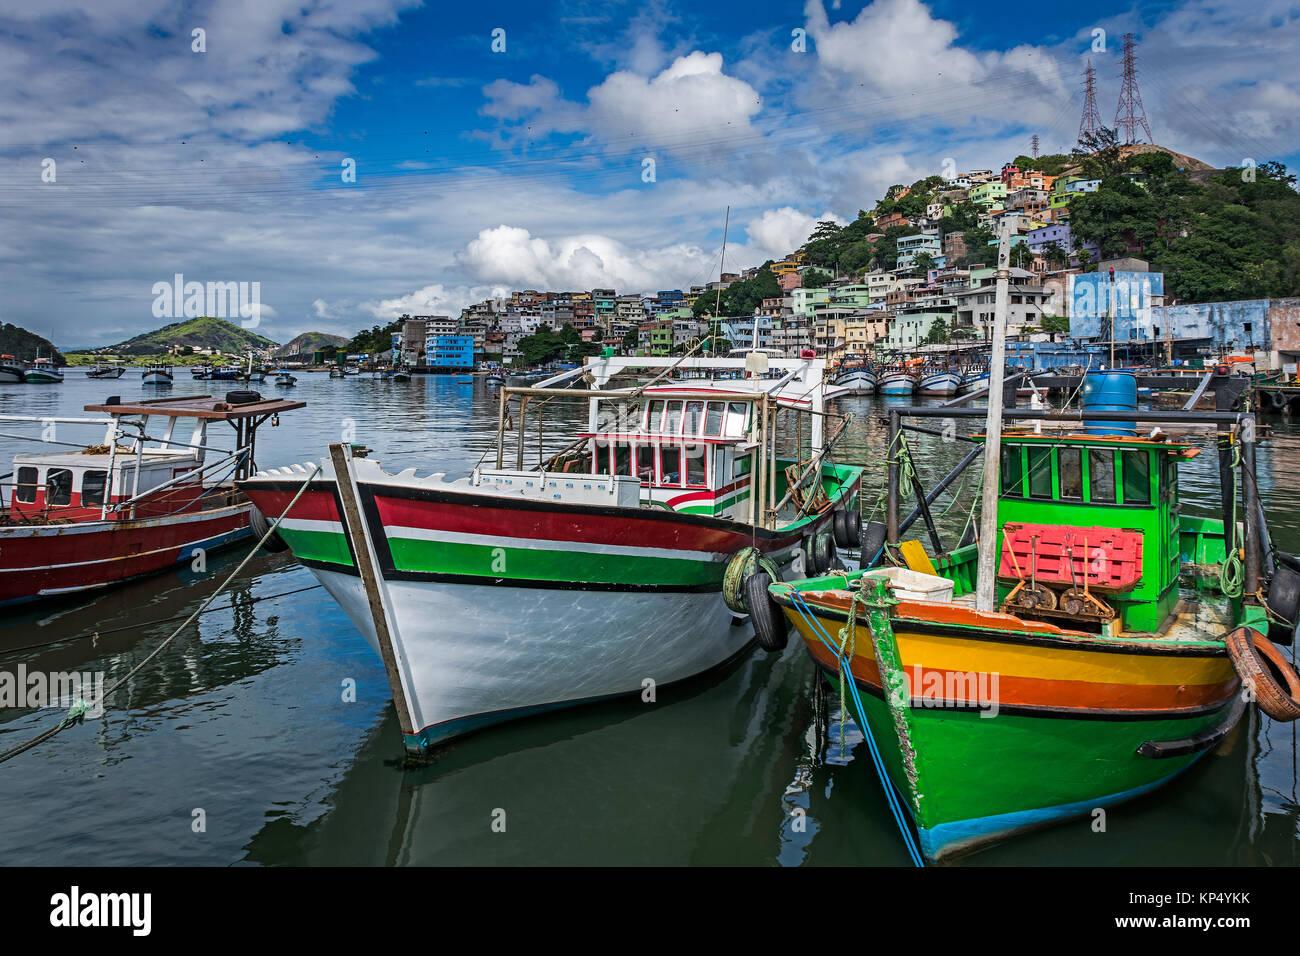 Colorful fishing boats in the Pier of Praia do Sua, Vitoria, Espirito Santo State, Brazil. - Stock Image